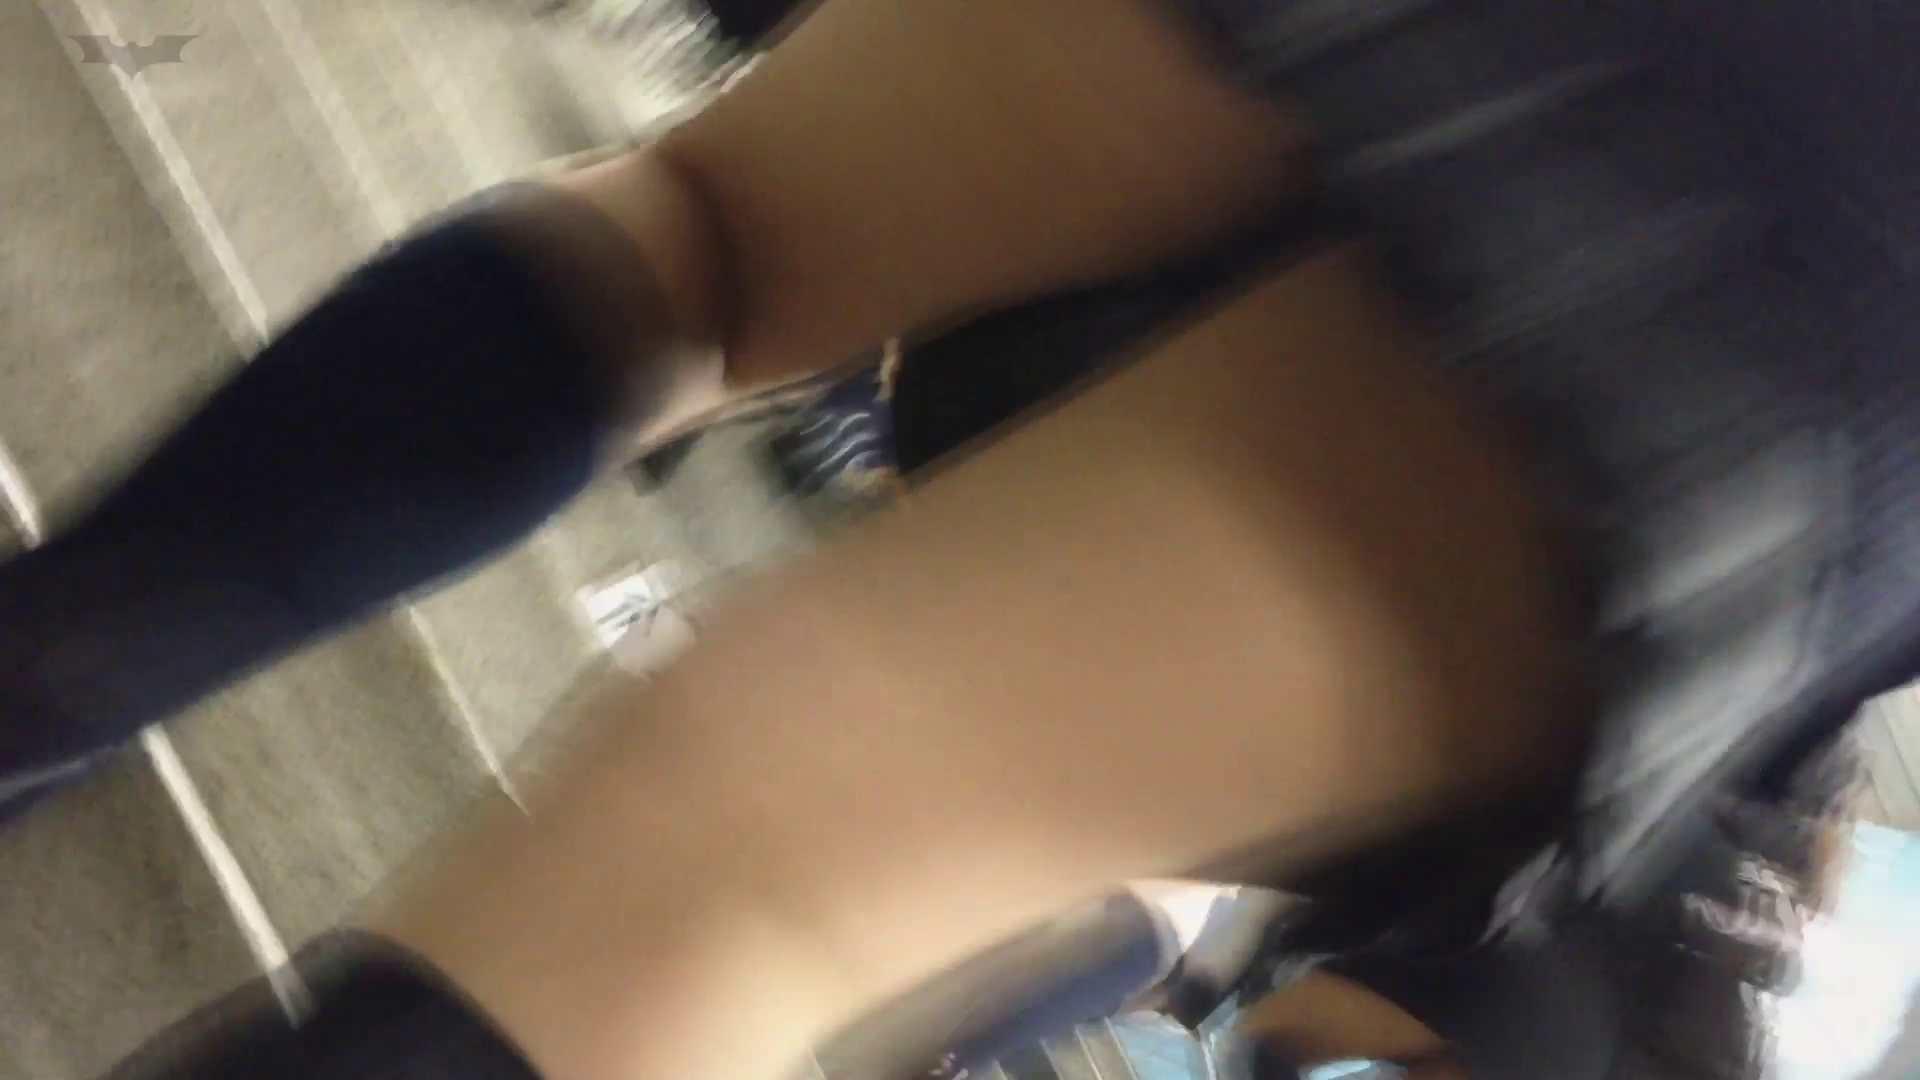 階段パンチラ Vol.05 チラ 盗撮アダルト動画キャプチャ 76pic 10